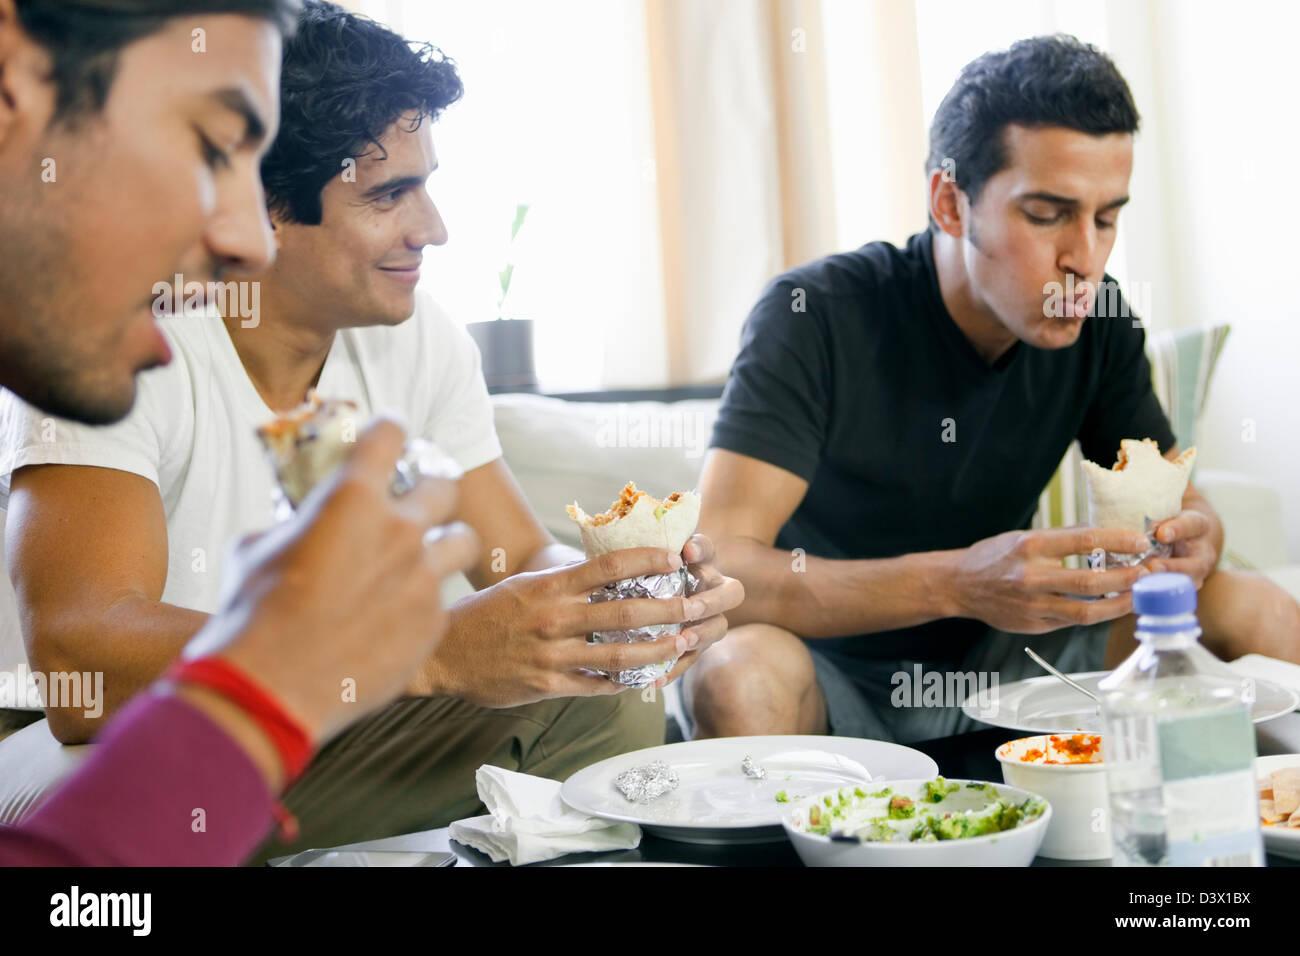 Ispano-americana uomini di mangiare Burrito, cibo messicano in salotto Foto Stock